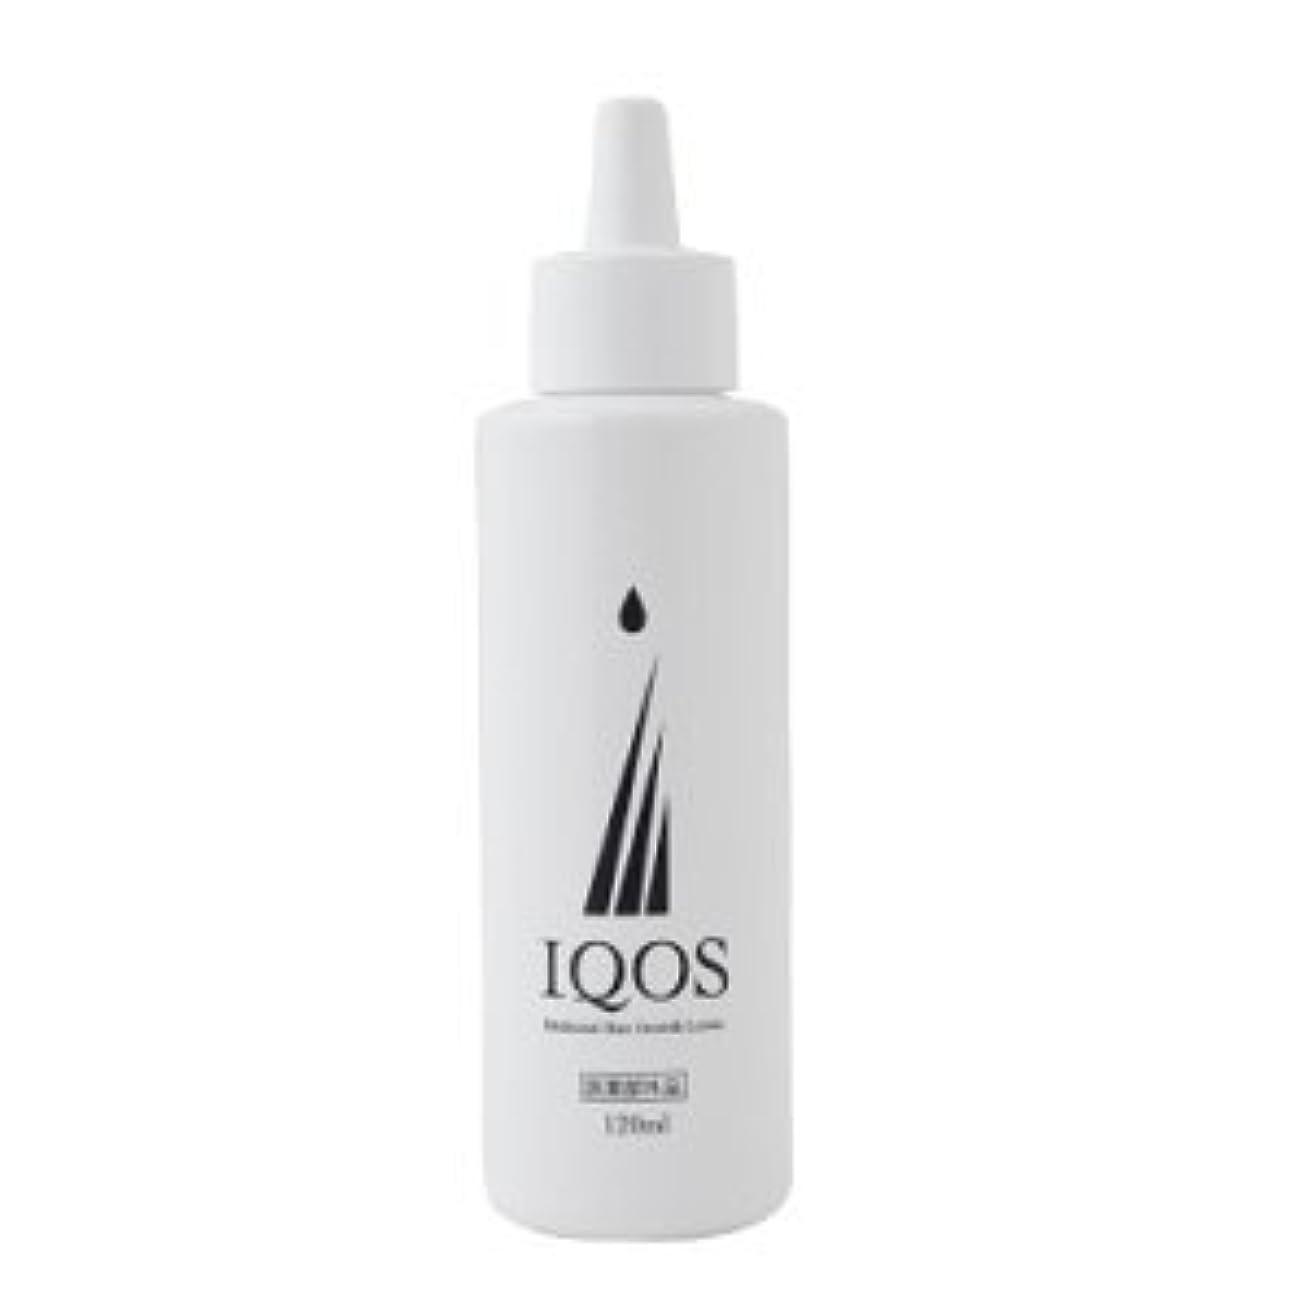 湿度原子炉入札M-034を最大級配合 薬用育毛剤 IQOS イクオス 120ml